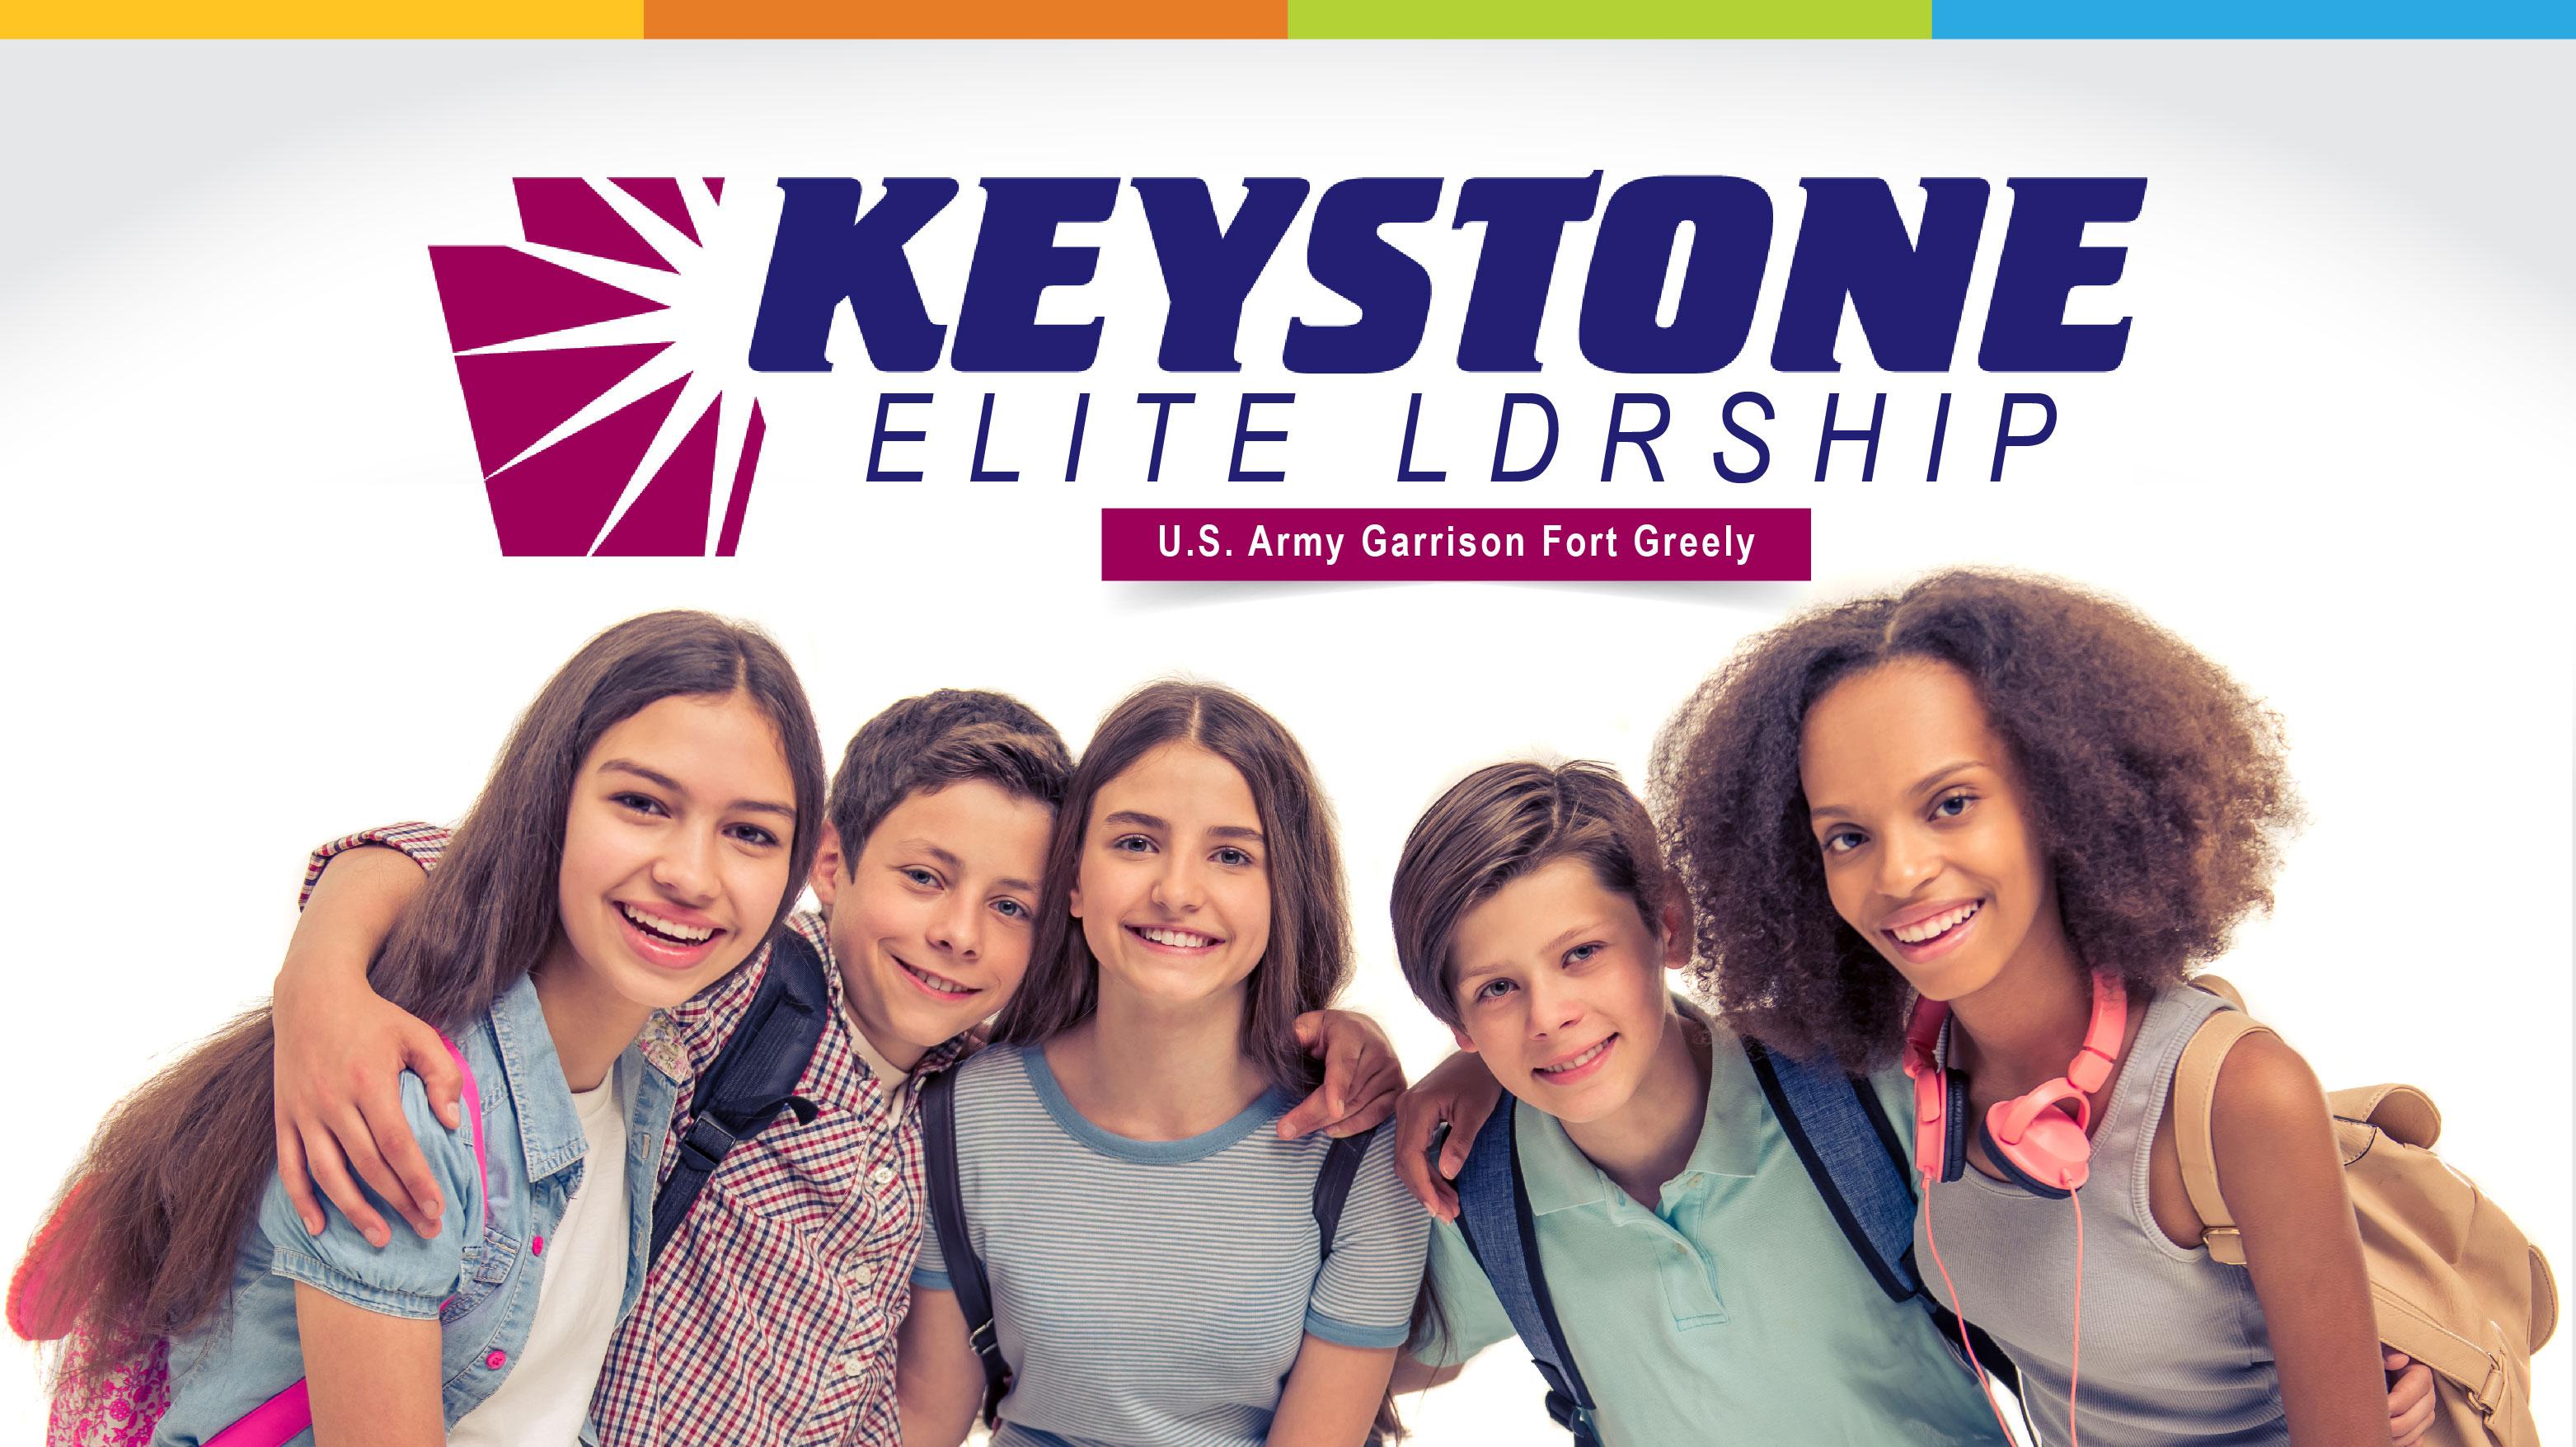 Keystone Elite LDRSHIP Club